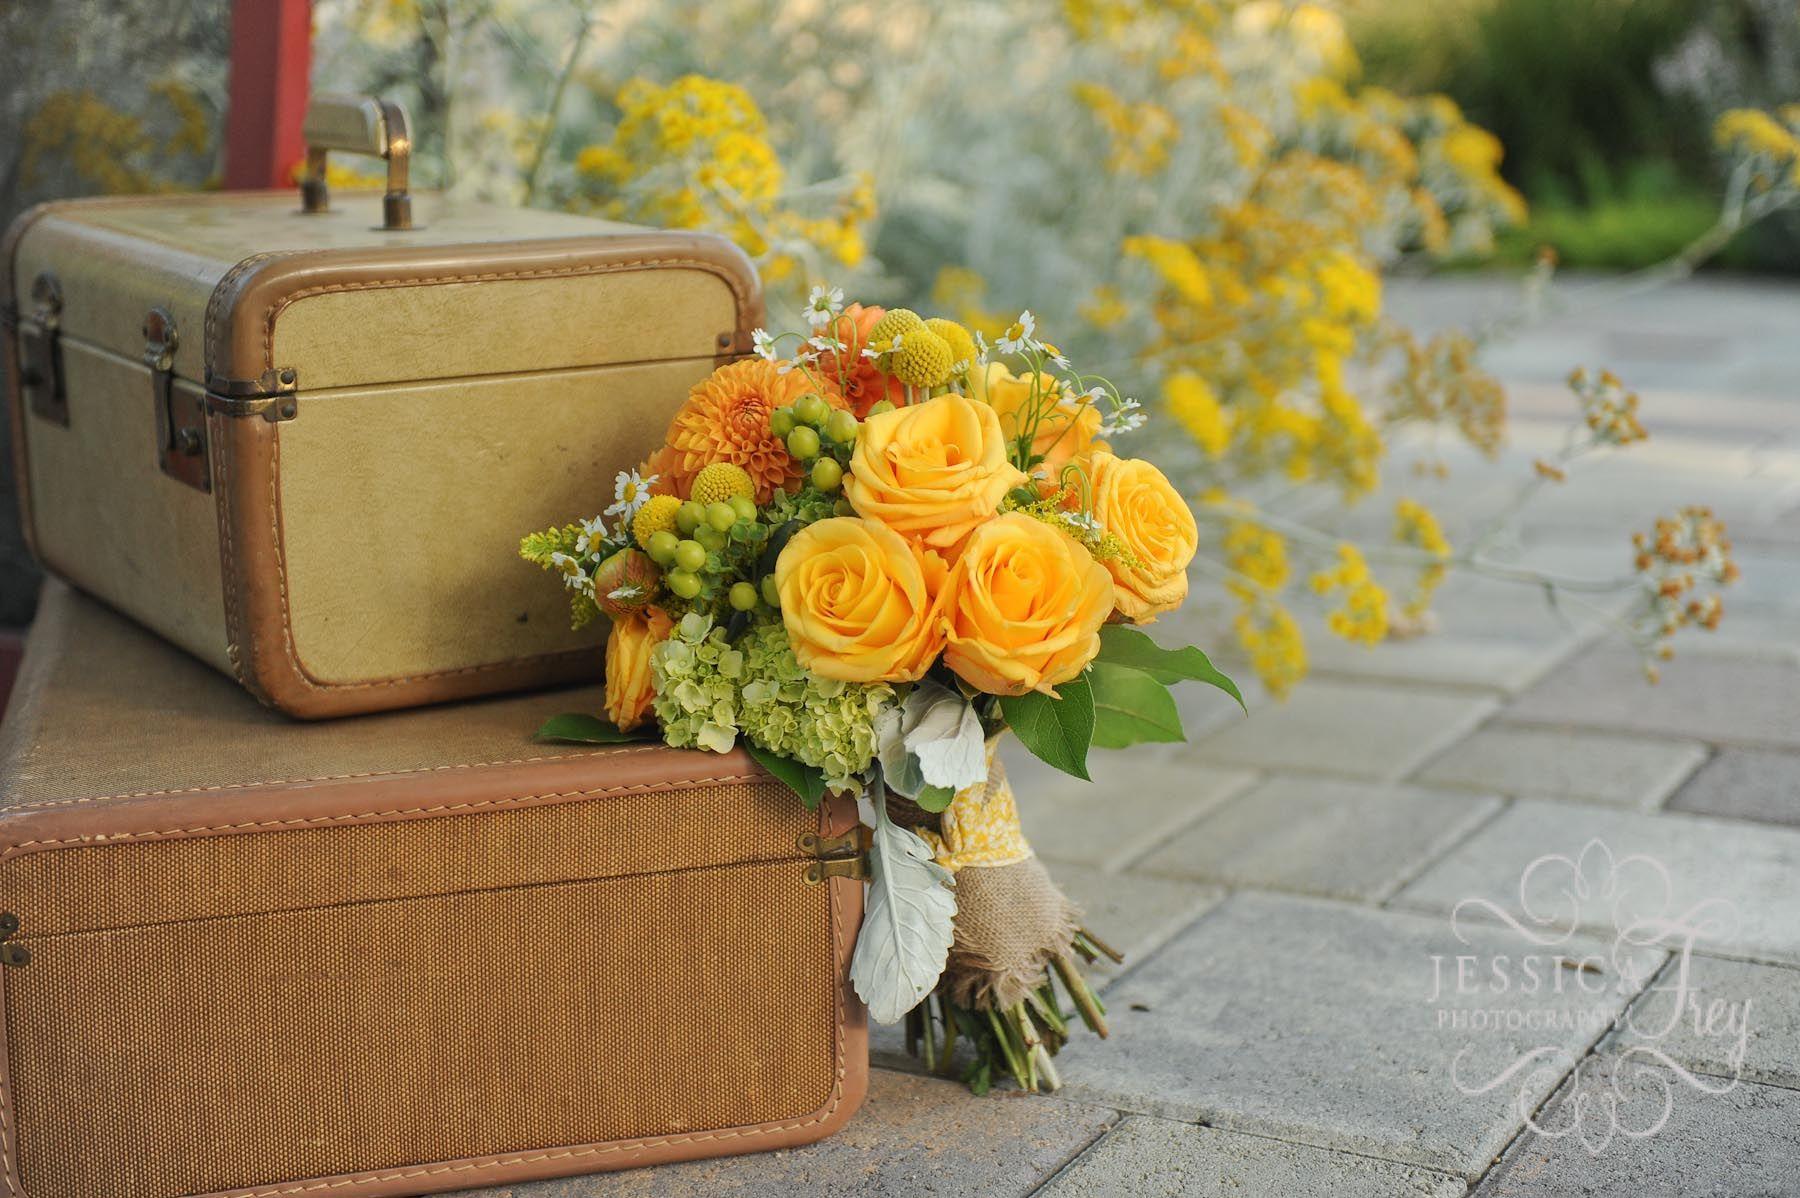 Resultados da pesquisa de http://www.jessicafreyphotographyblog.com/wp-content/uploads/2012/08/yellow-grey-green-wedding-35.jpg no Google